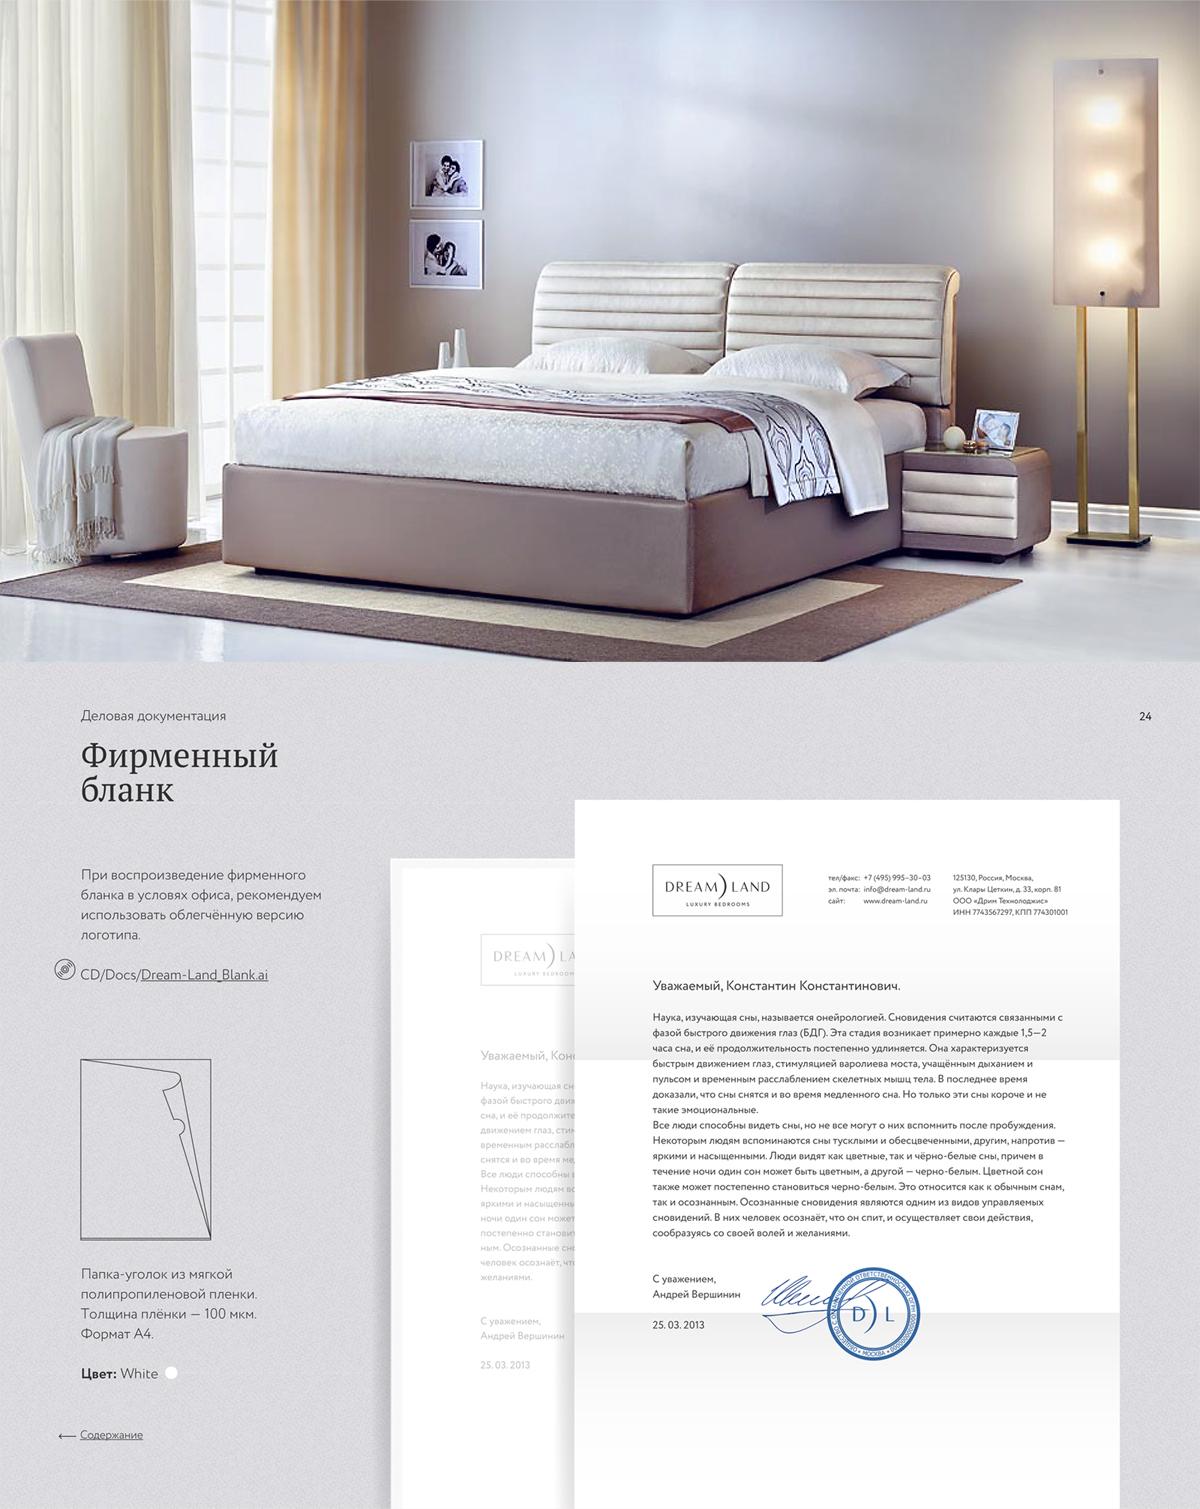 Фирменный стиль Dream Land и деловая документация